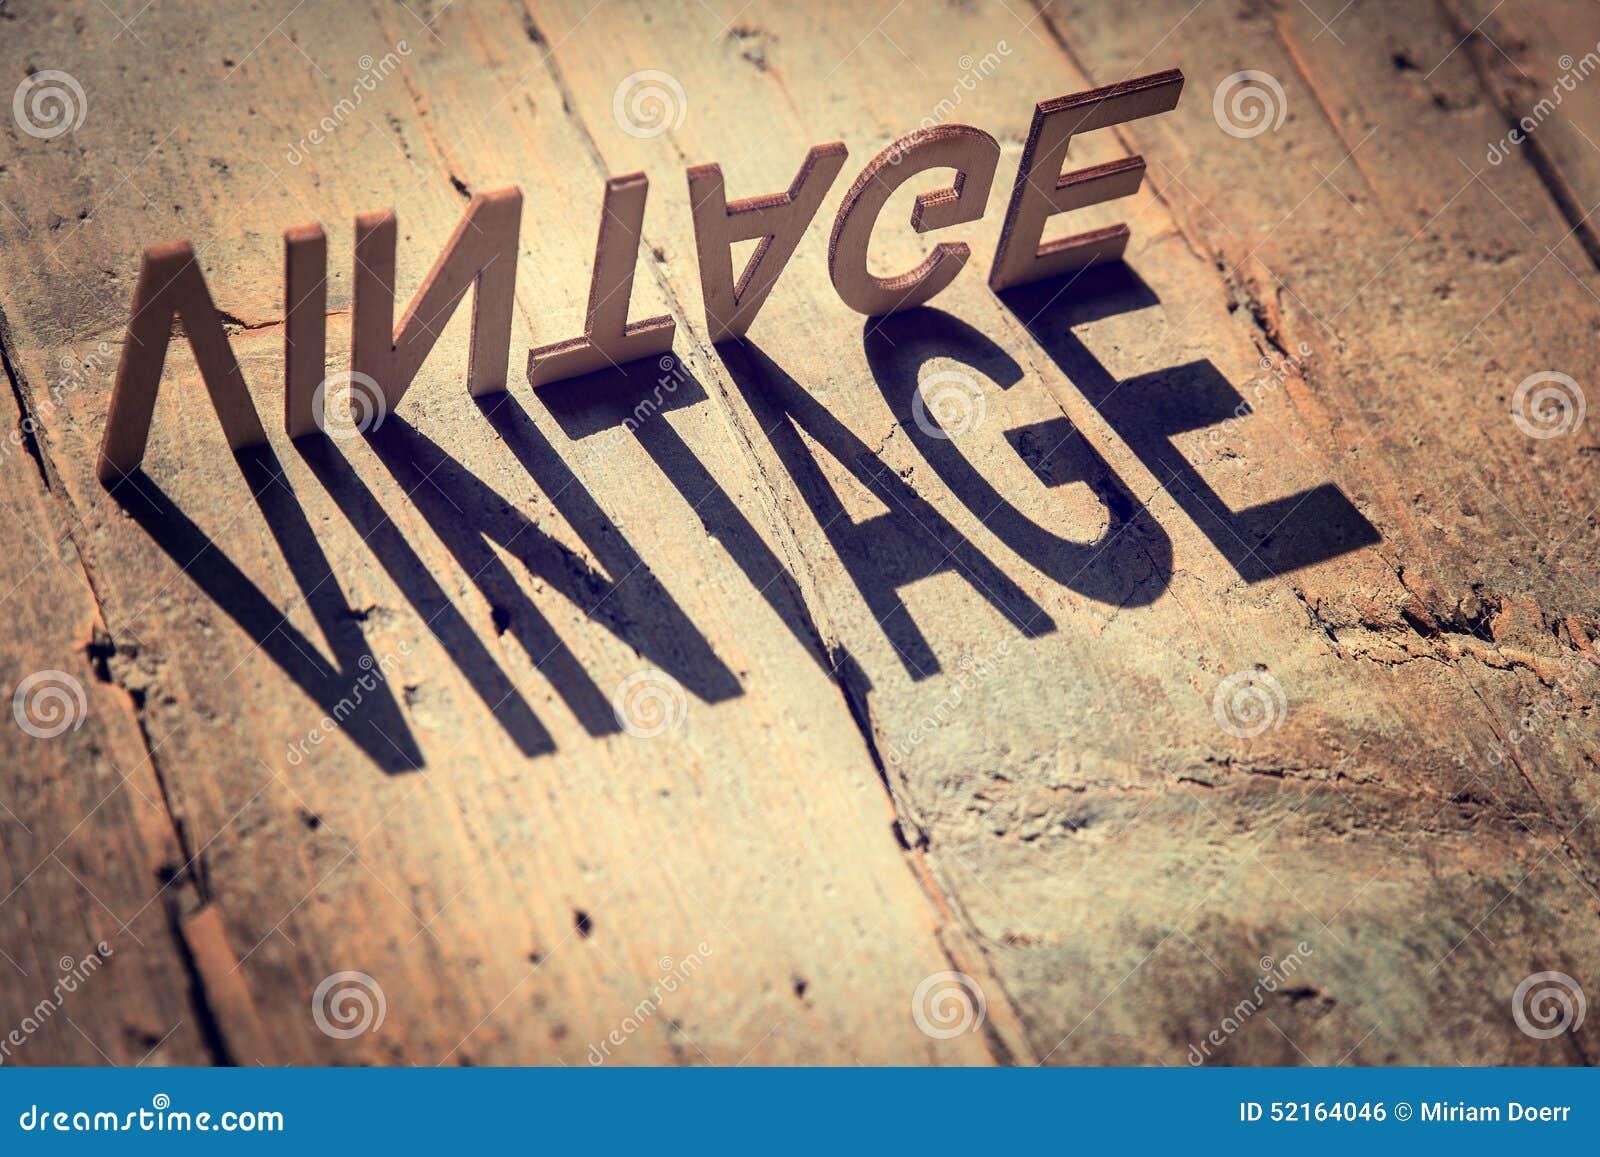 vintage The word